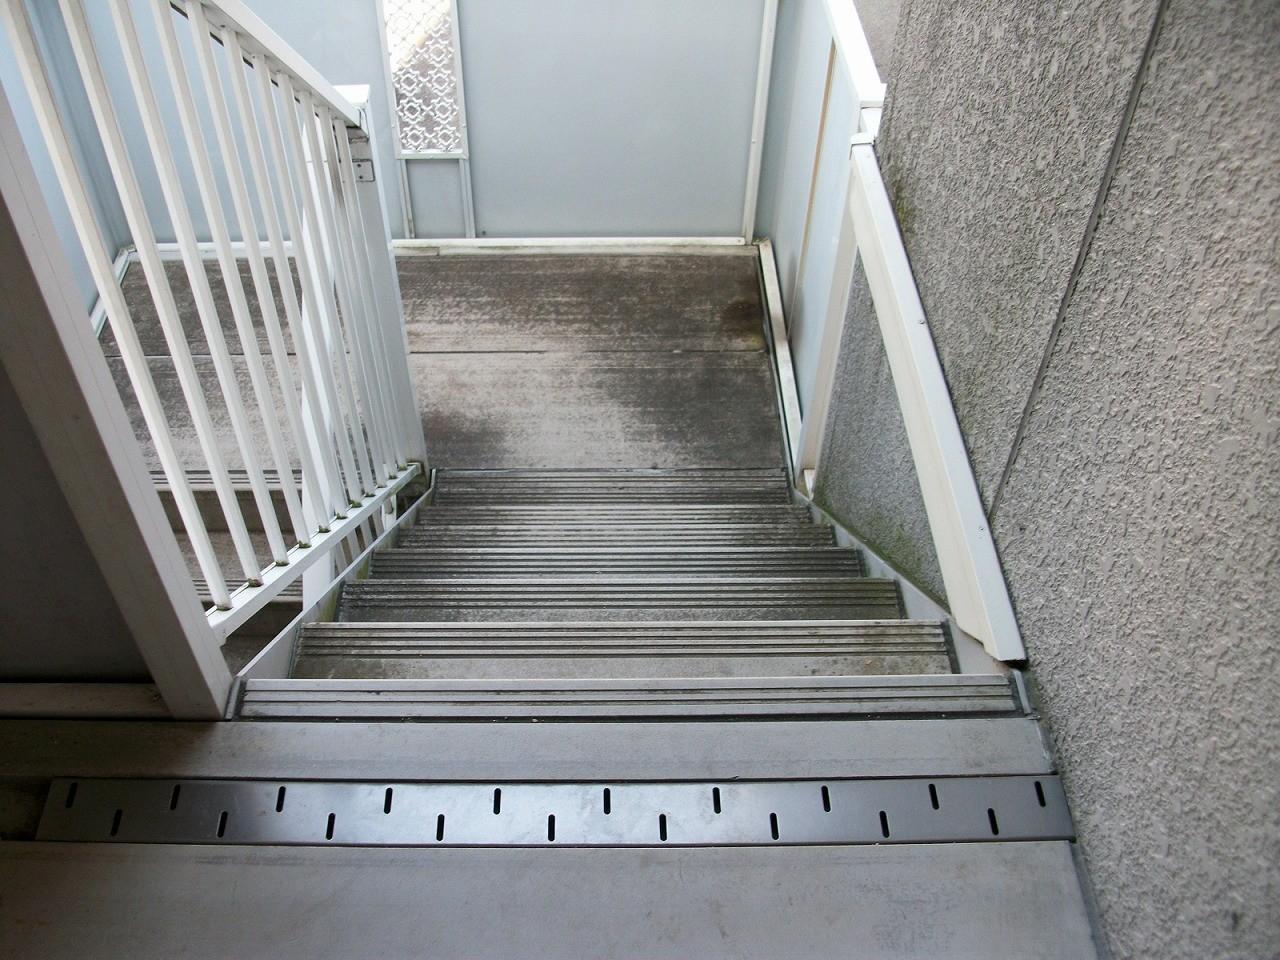 階段での転倒などは非常に危険です